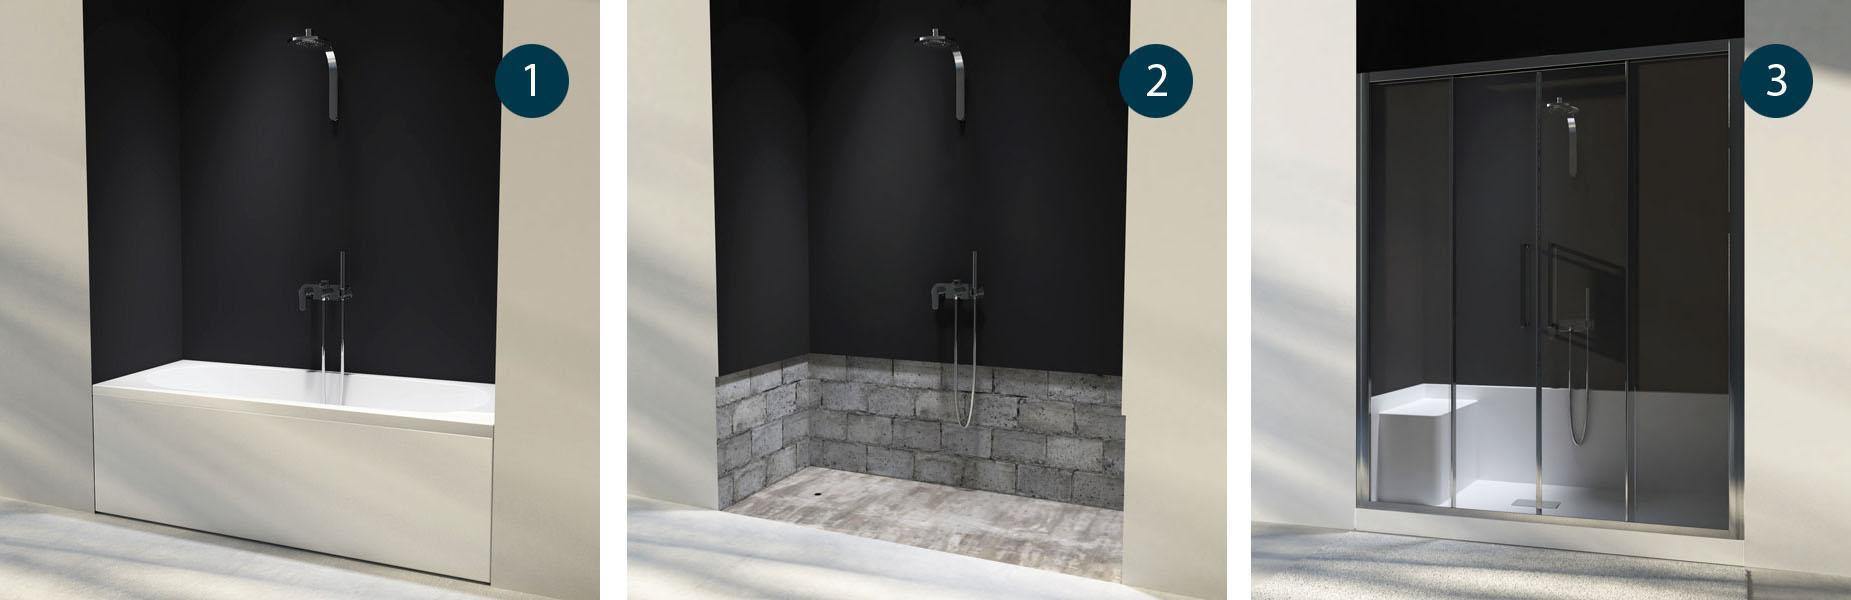 Docce per anziani e disabili sostituzione vasca in doccia - Sostituzione vasca da bagno con doccia prezzi ...